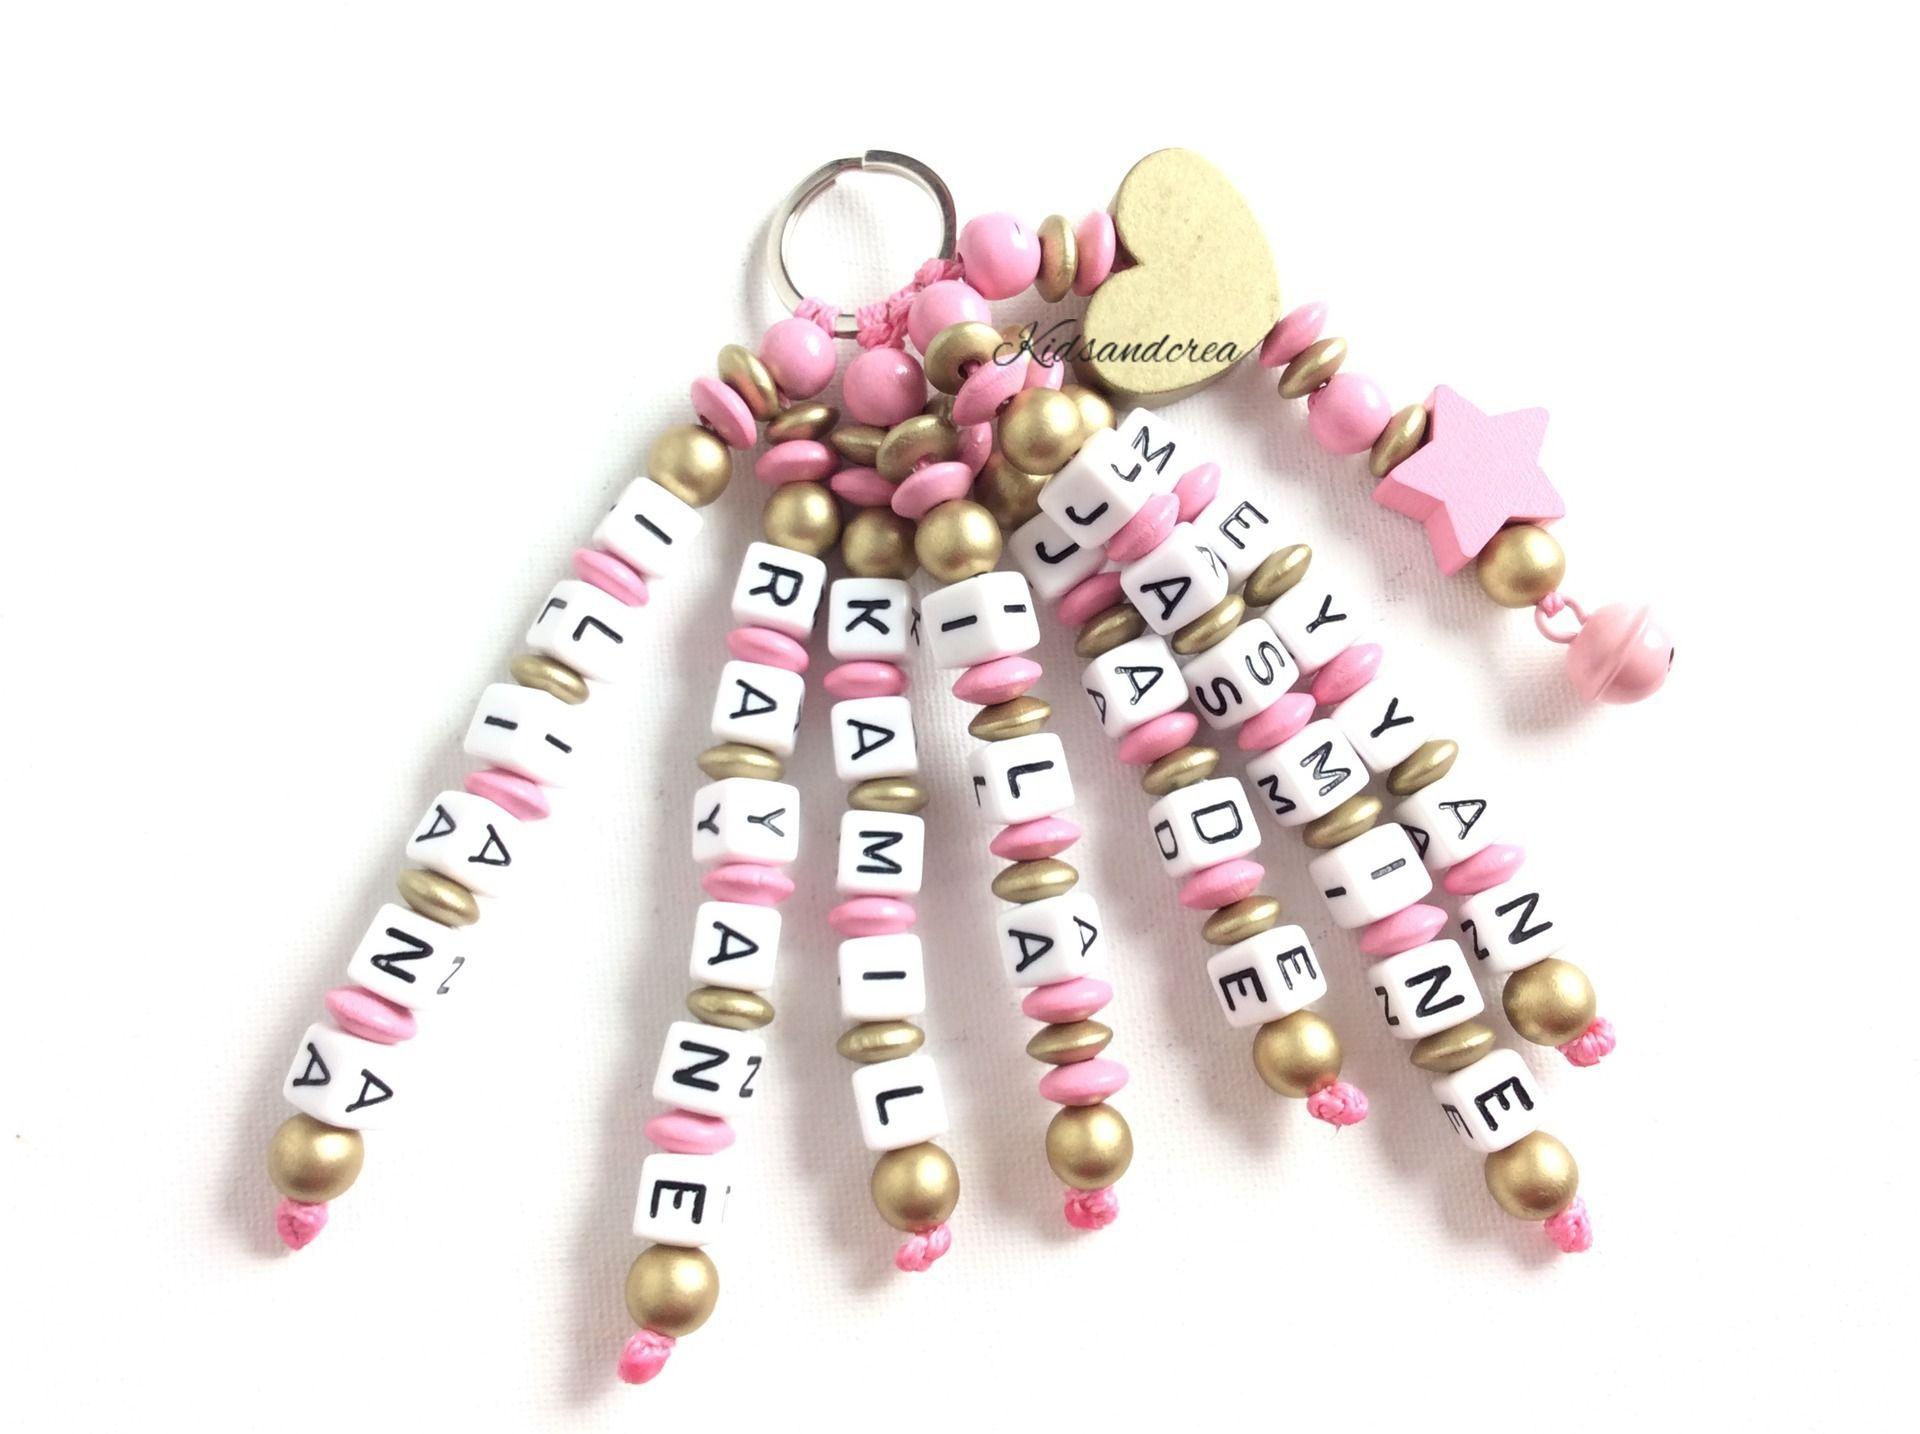 cd329808360 Porte-cles personnalise perles en bois 7 prenoms   Porte clés par  attache-tetine-personnalisee